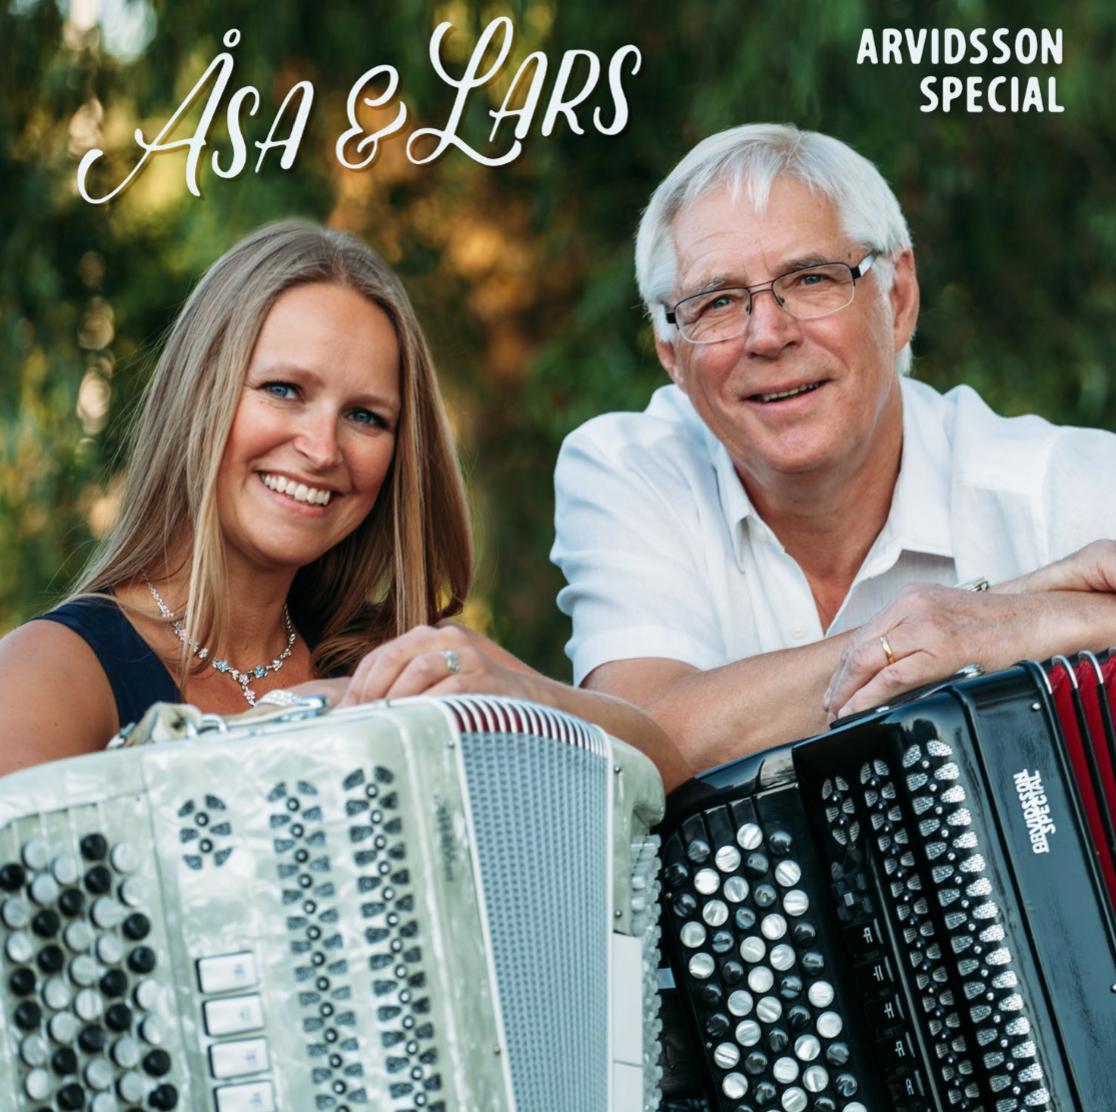 Åsa & Lars Arvidsson